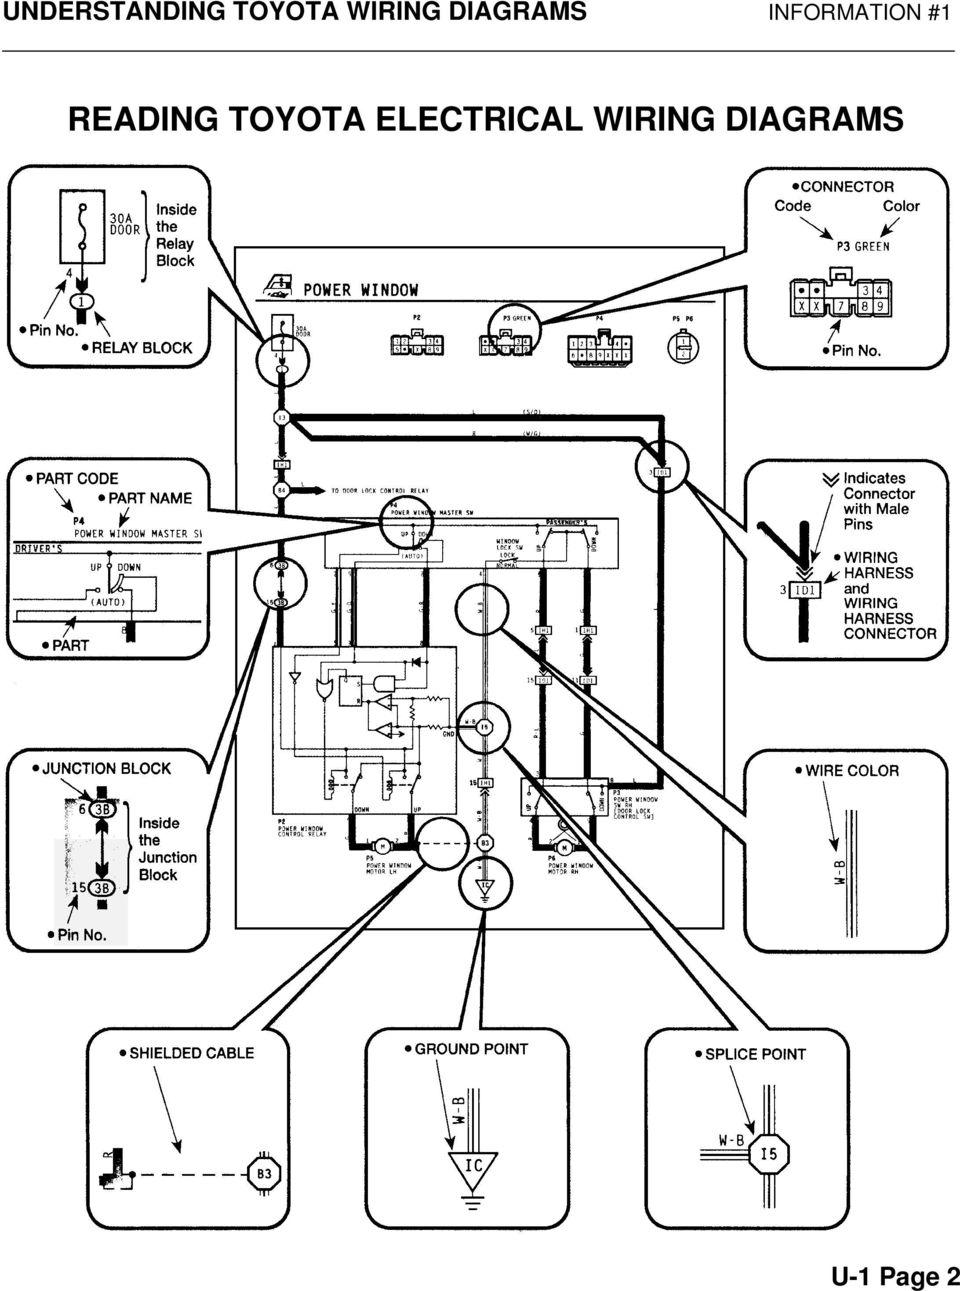 medium resolution of information 1 reading